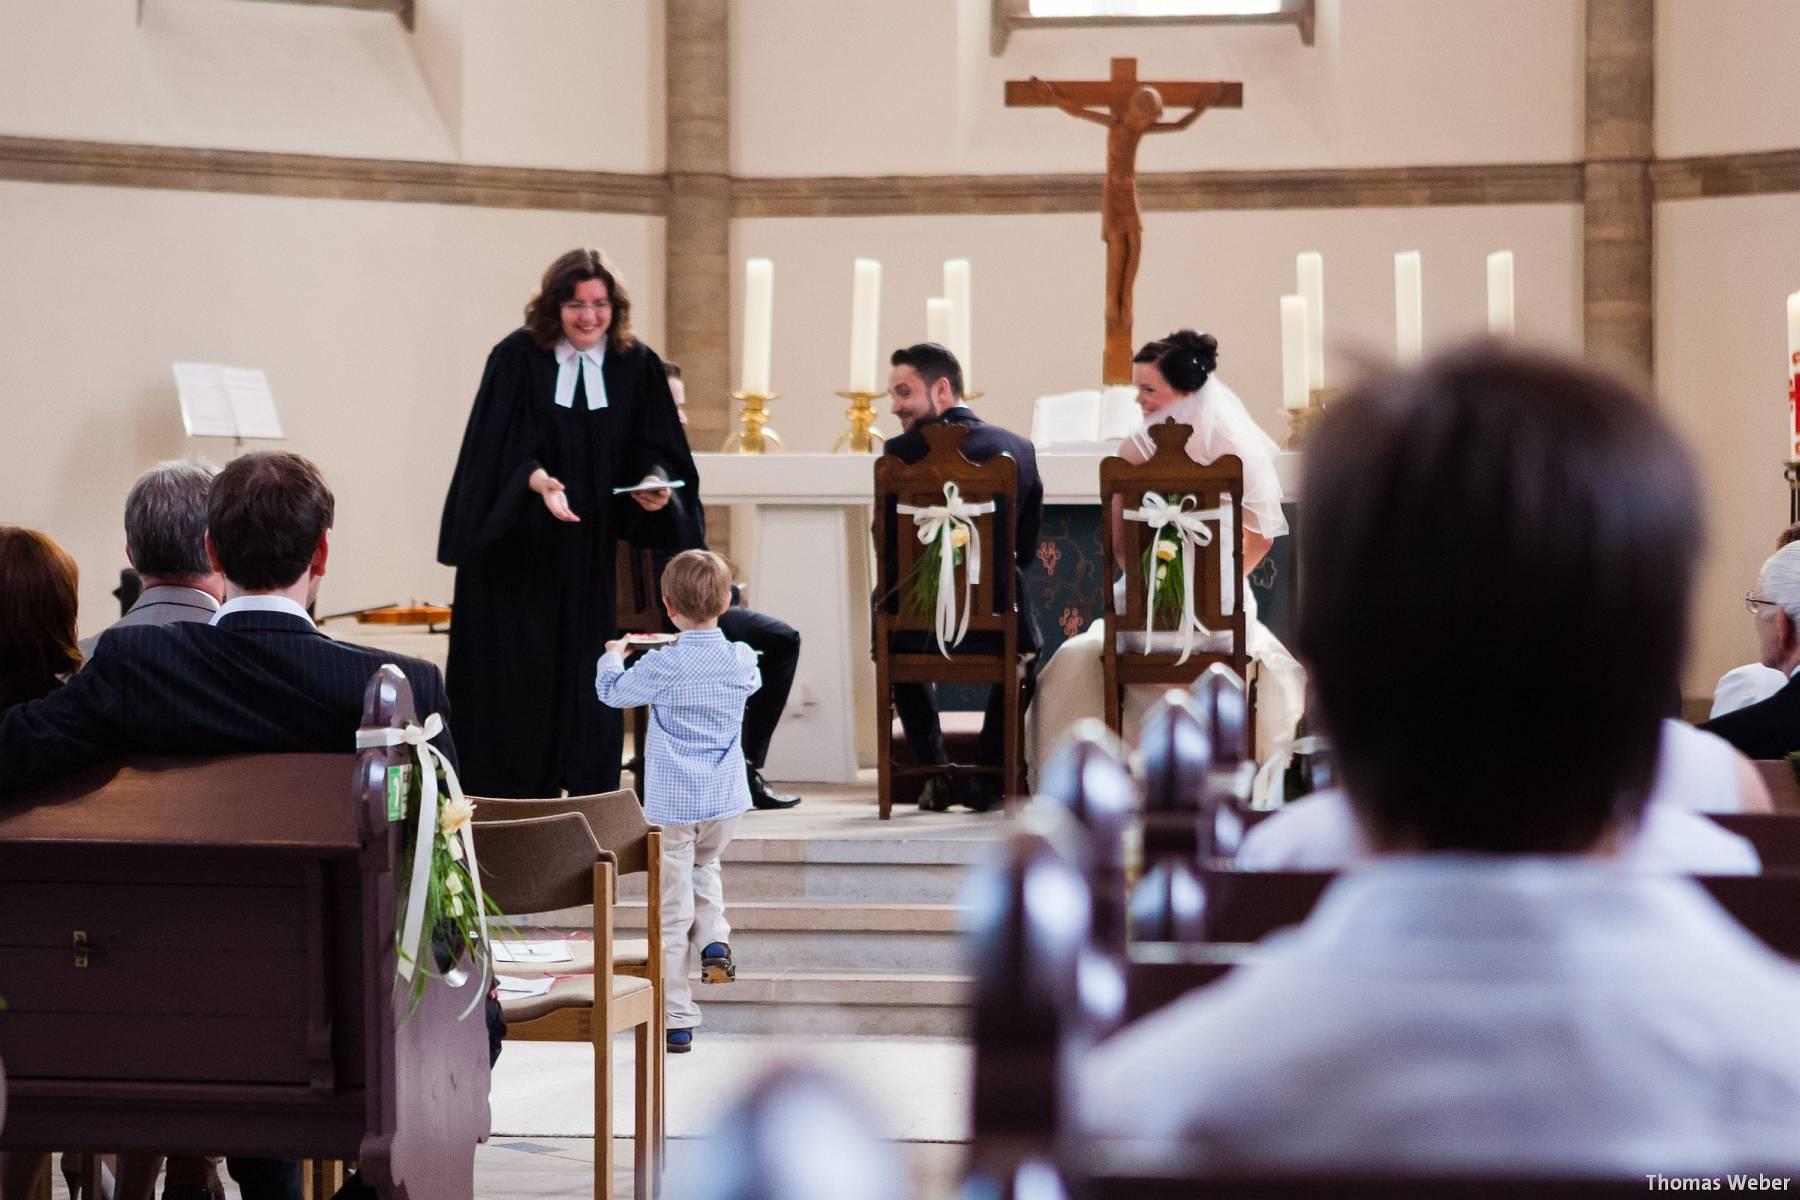 Hochzeitsfotograf Oldenburg: Kirchliche Trauung in der Garnisonkirche Oldenburg und Feier im Landhaus Etzhorn Oldenburg (5)